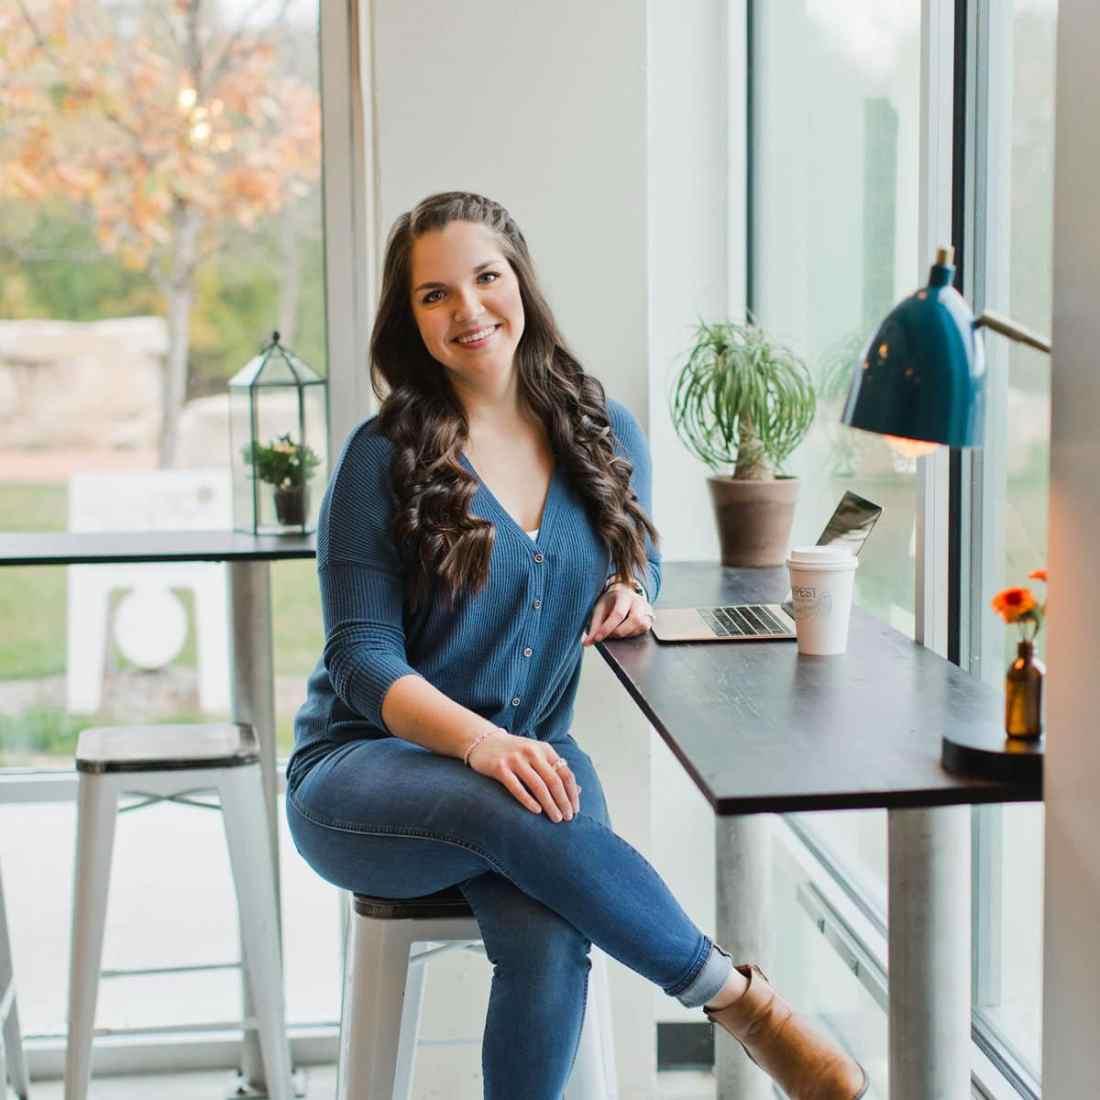 Kat Boogard working as a freelance writer